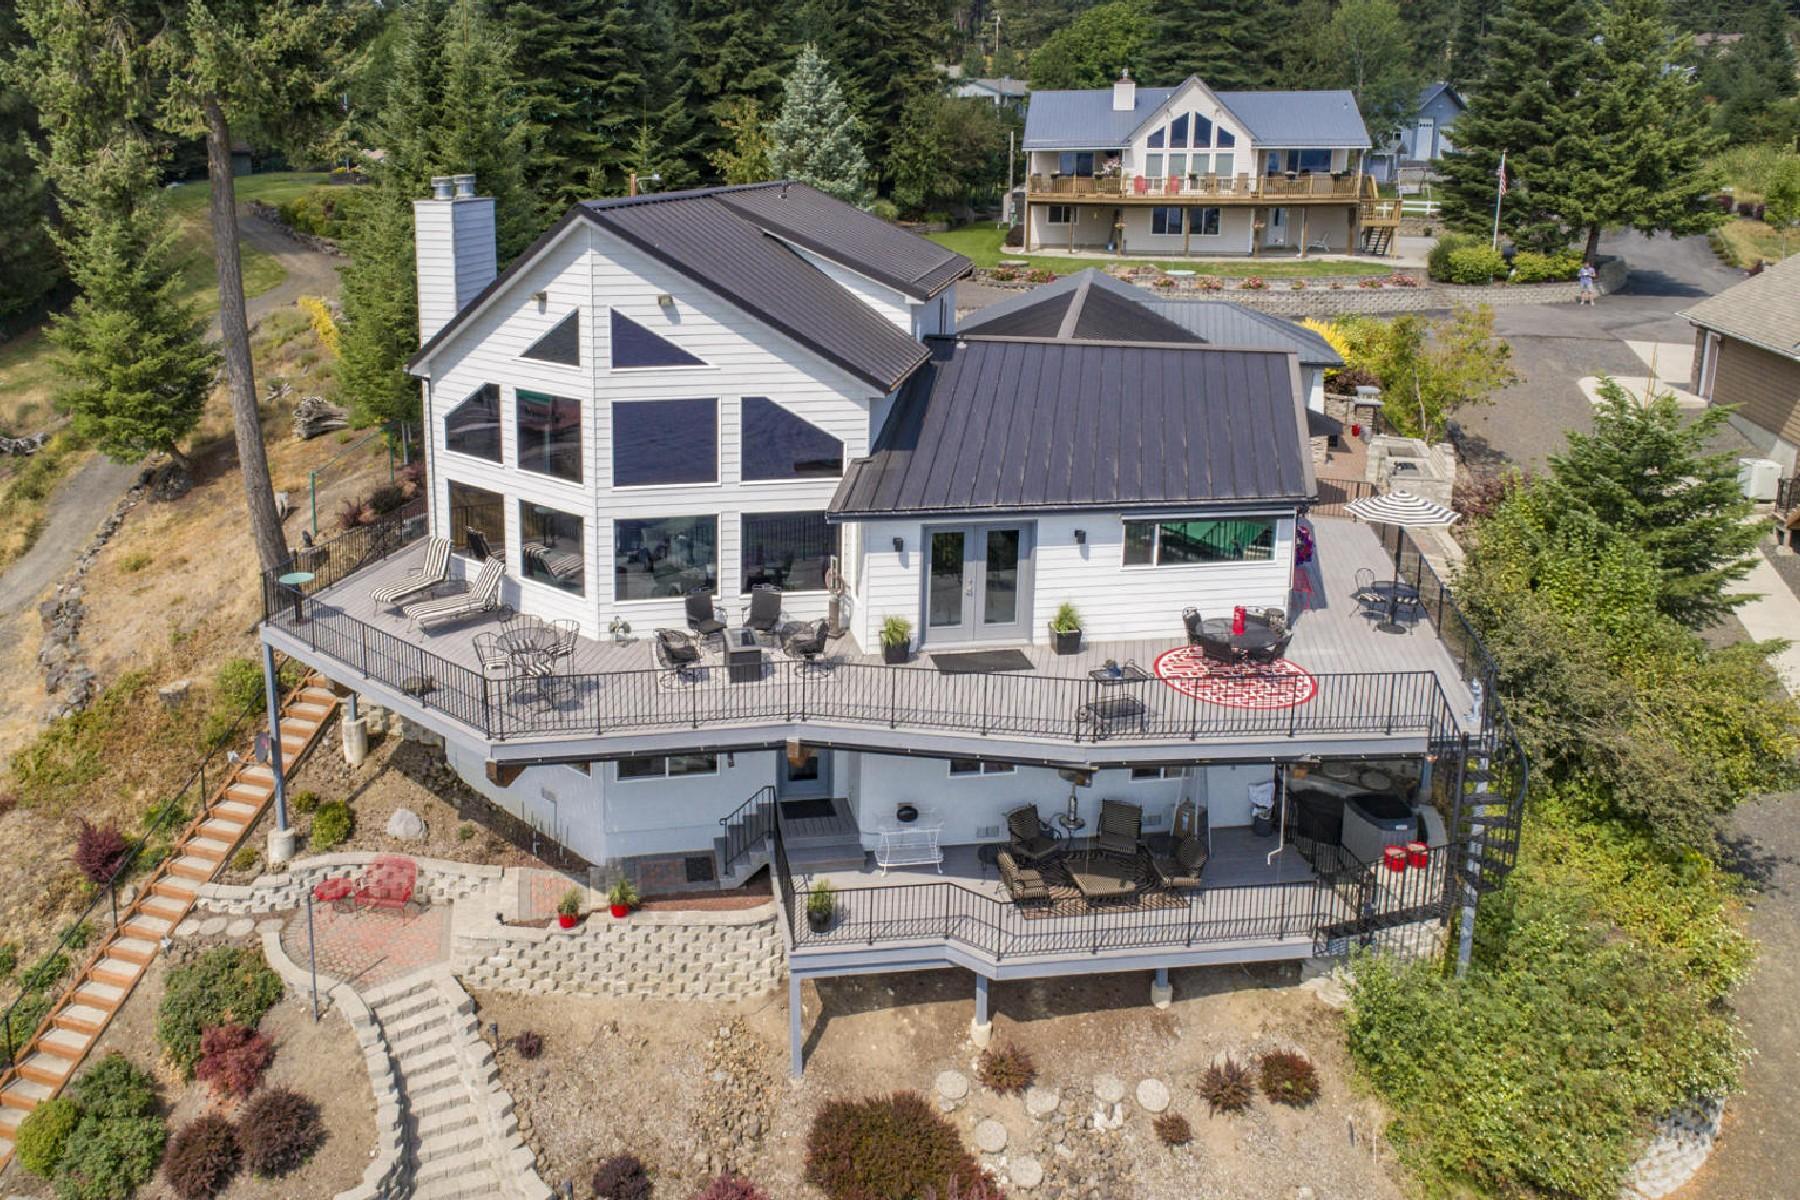 Casa para uma família para Venda às ROCKFORD BAY AT ITS FINEST! 18094 South Kalispel Court, Coeur D Alene, Idaho, 83814 Estados Unidos